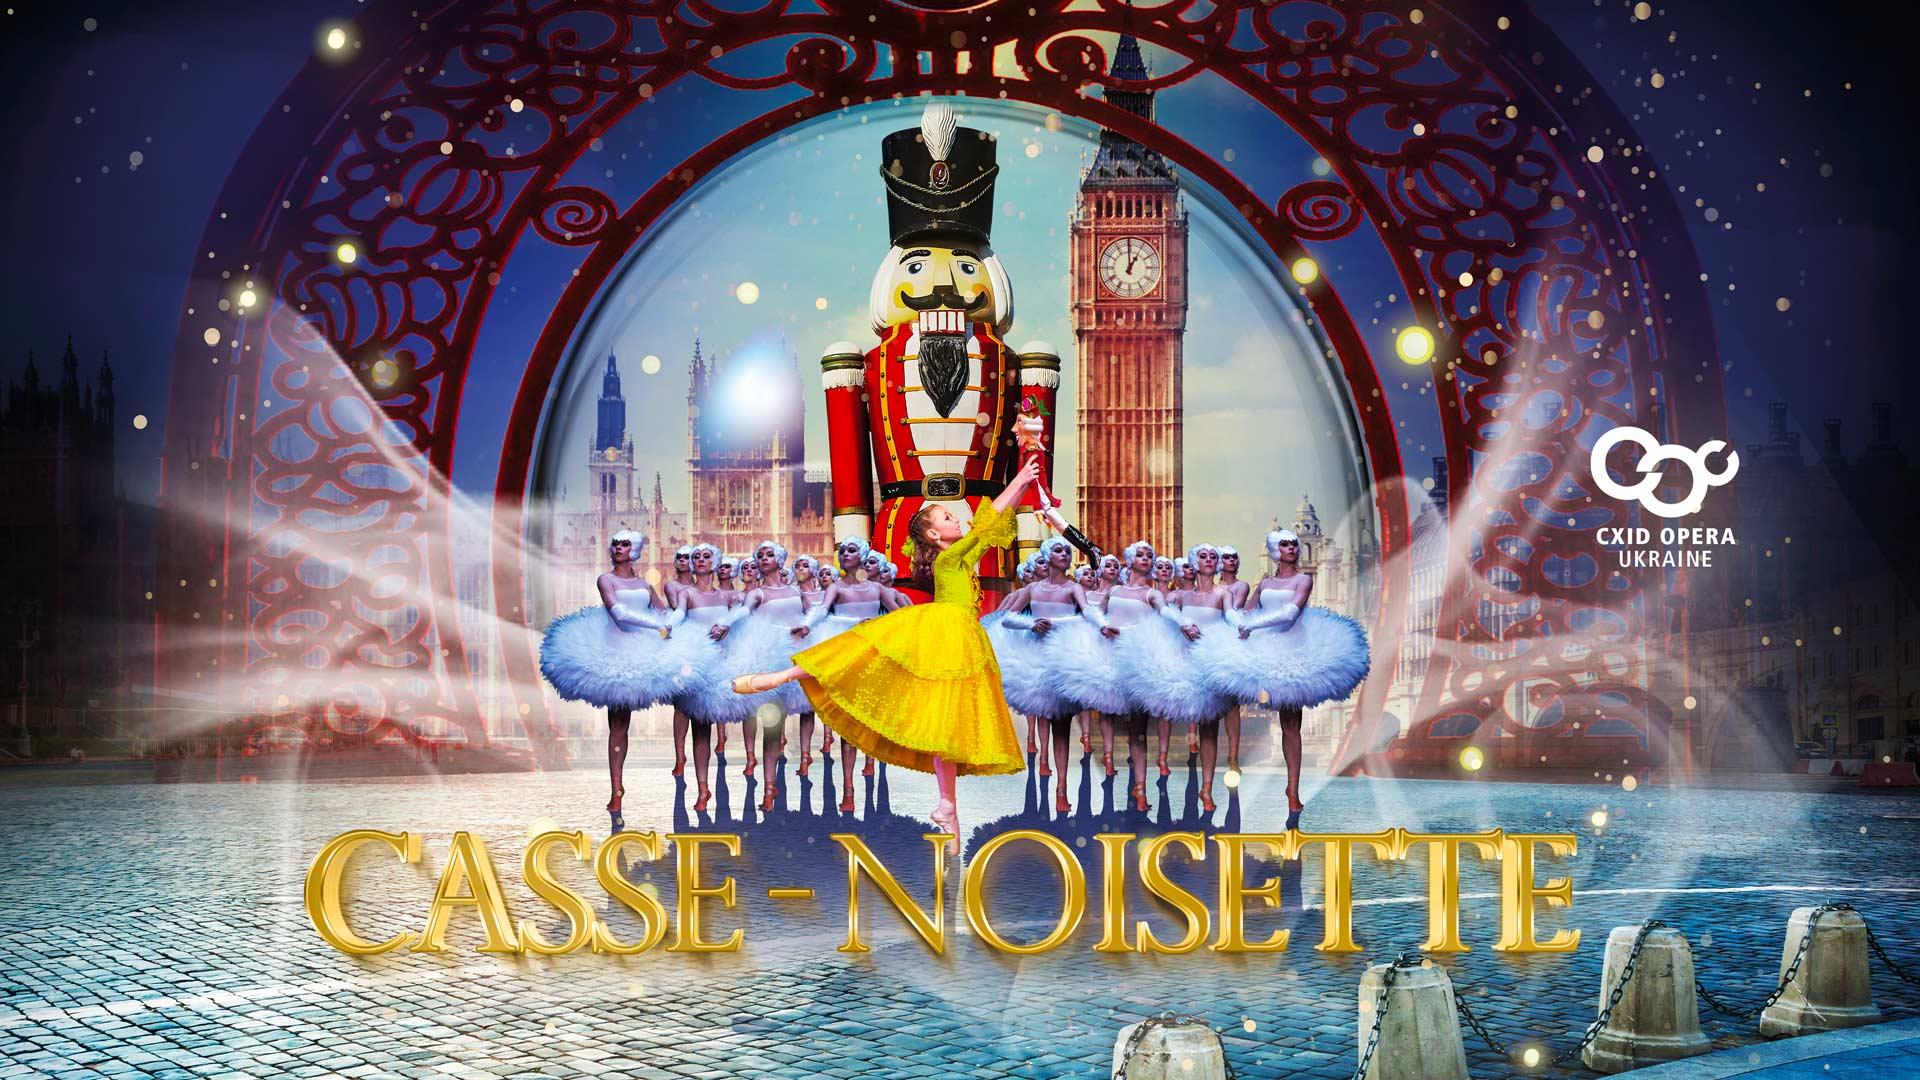 Casse-Noisette 2021, London